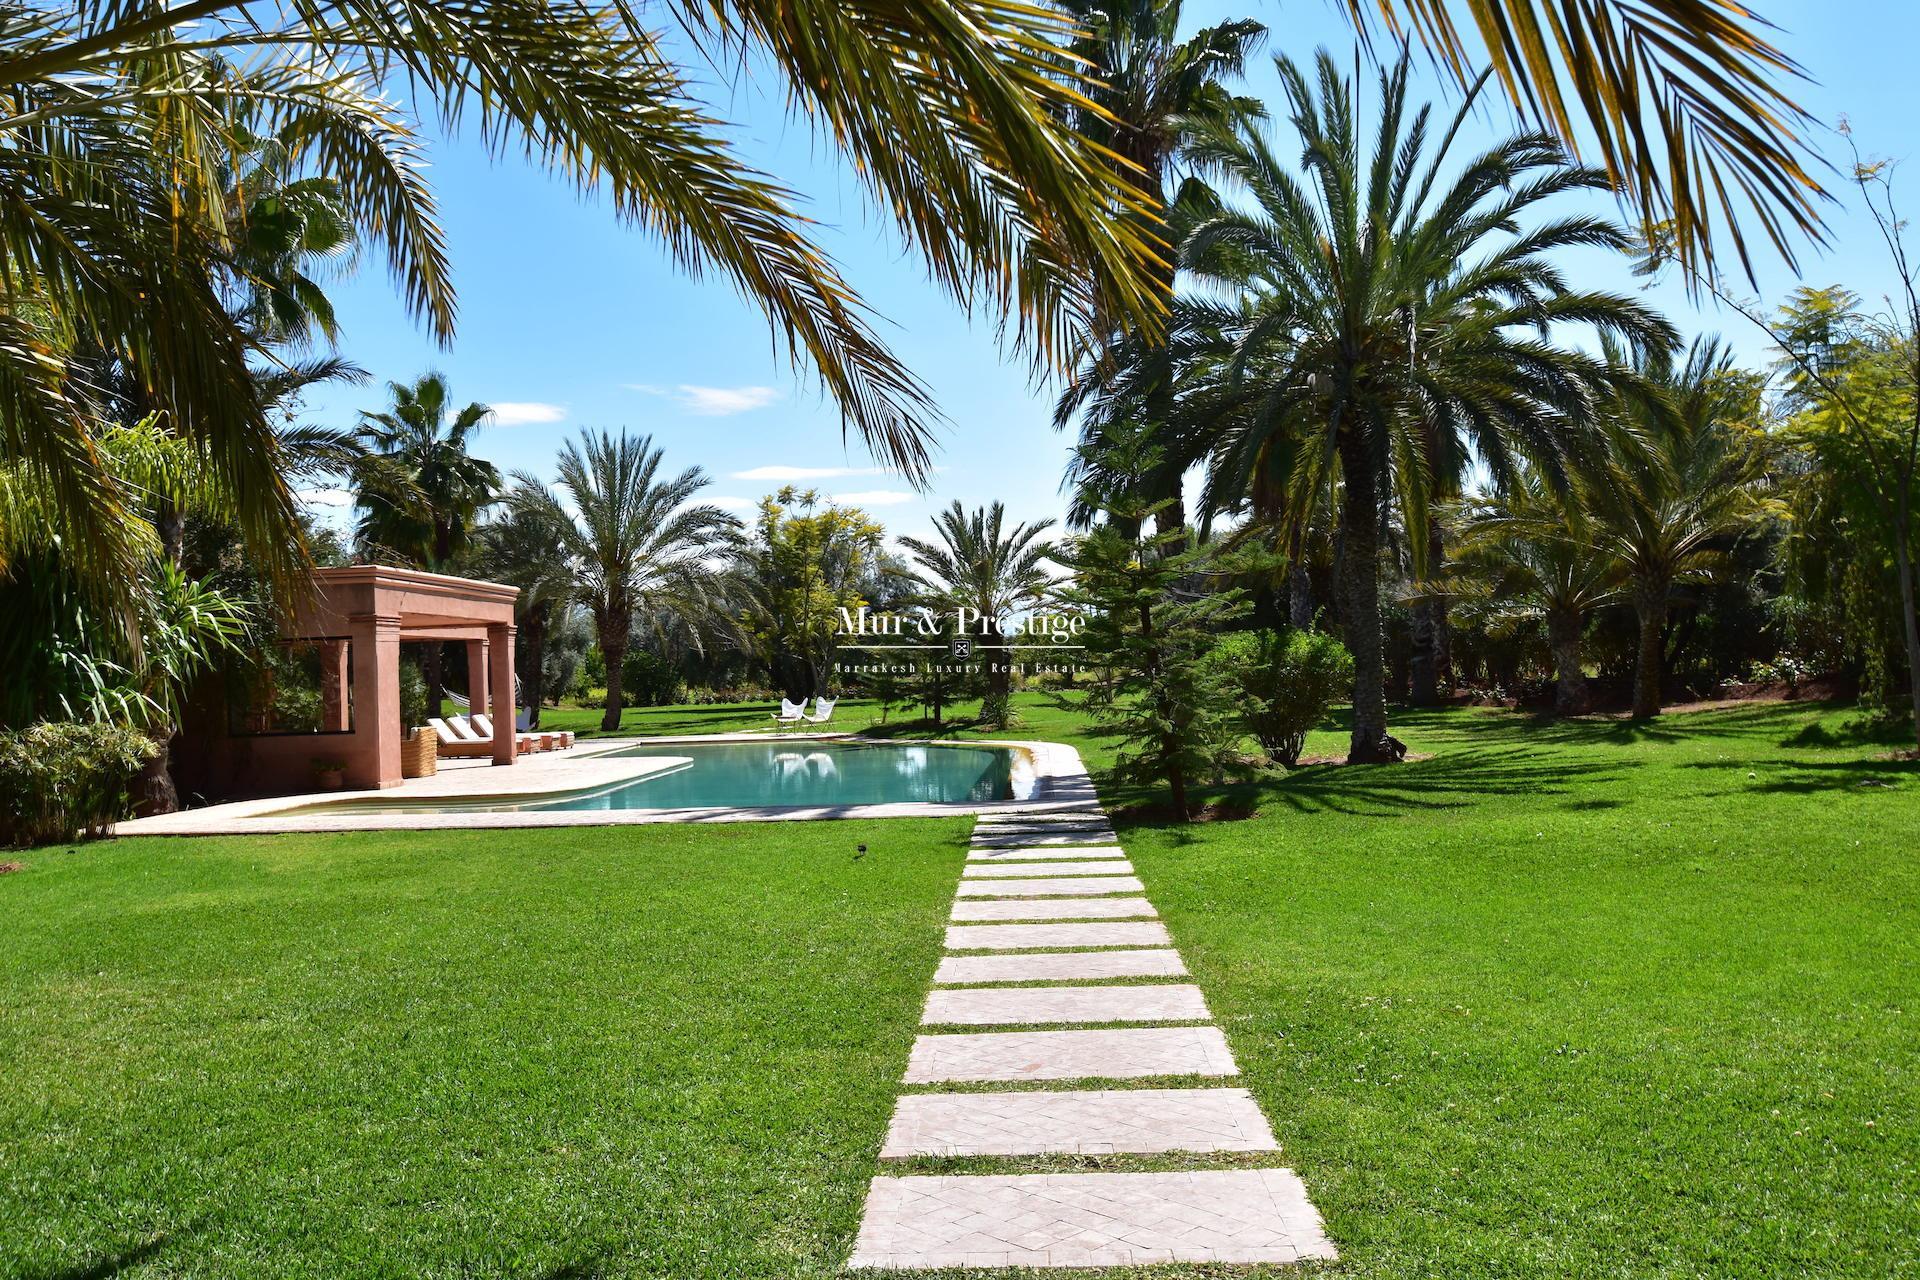 Agence immobilière à Marrakech – Maison en vente sur la route de l'Ourika